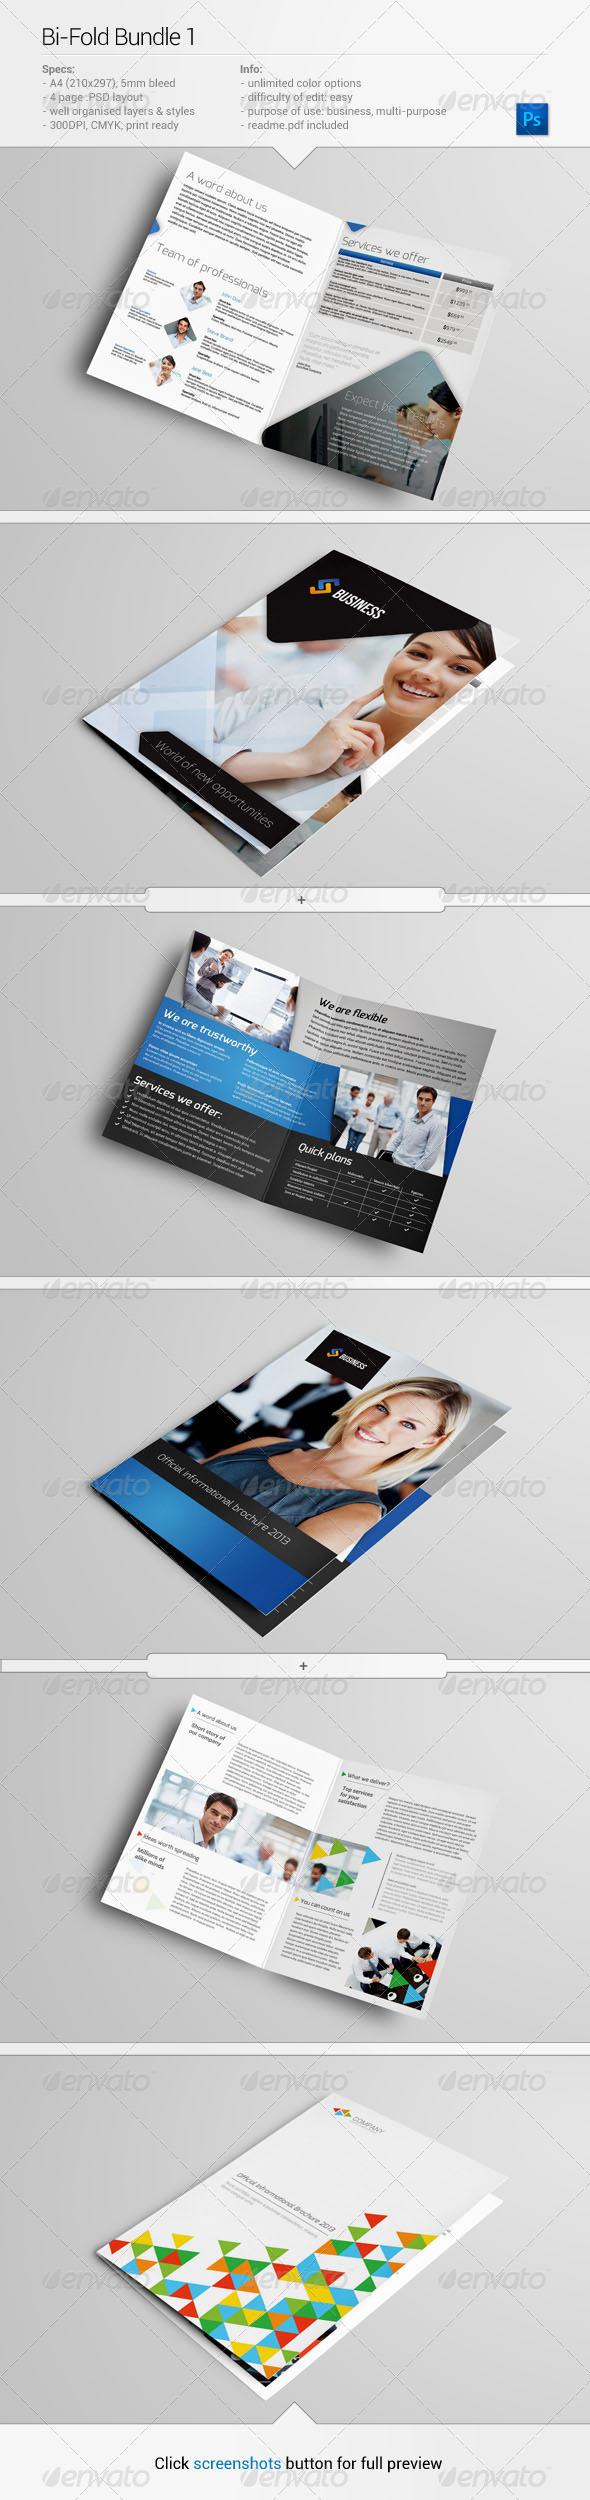 GraphicRiver Bi-Fold Bundle 1 5459302